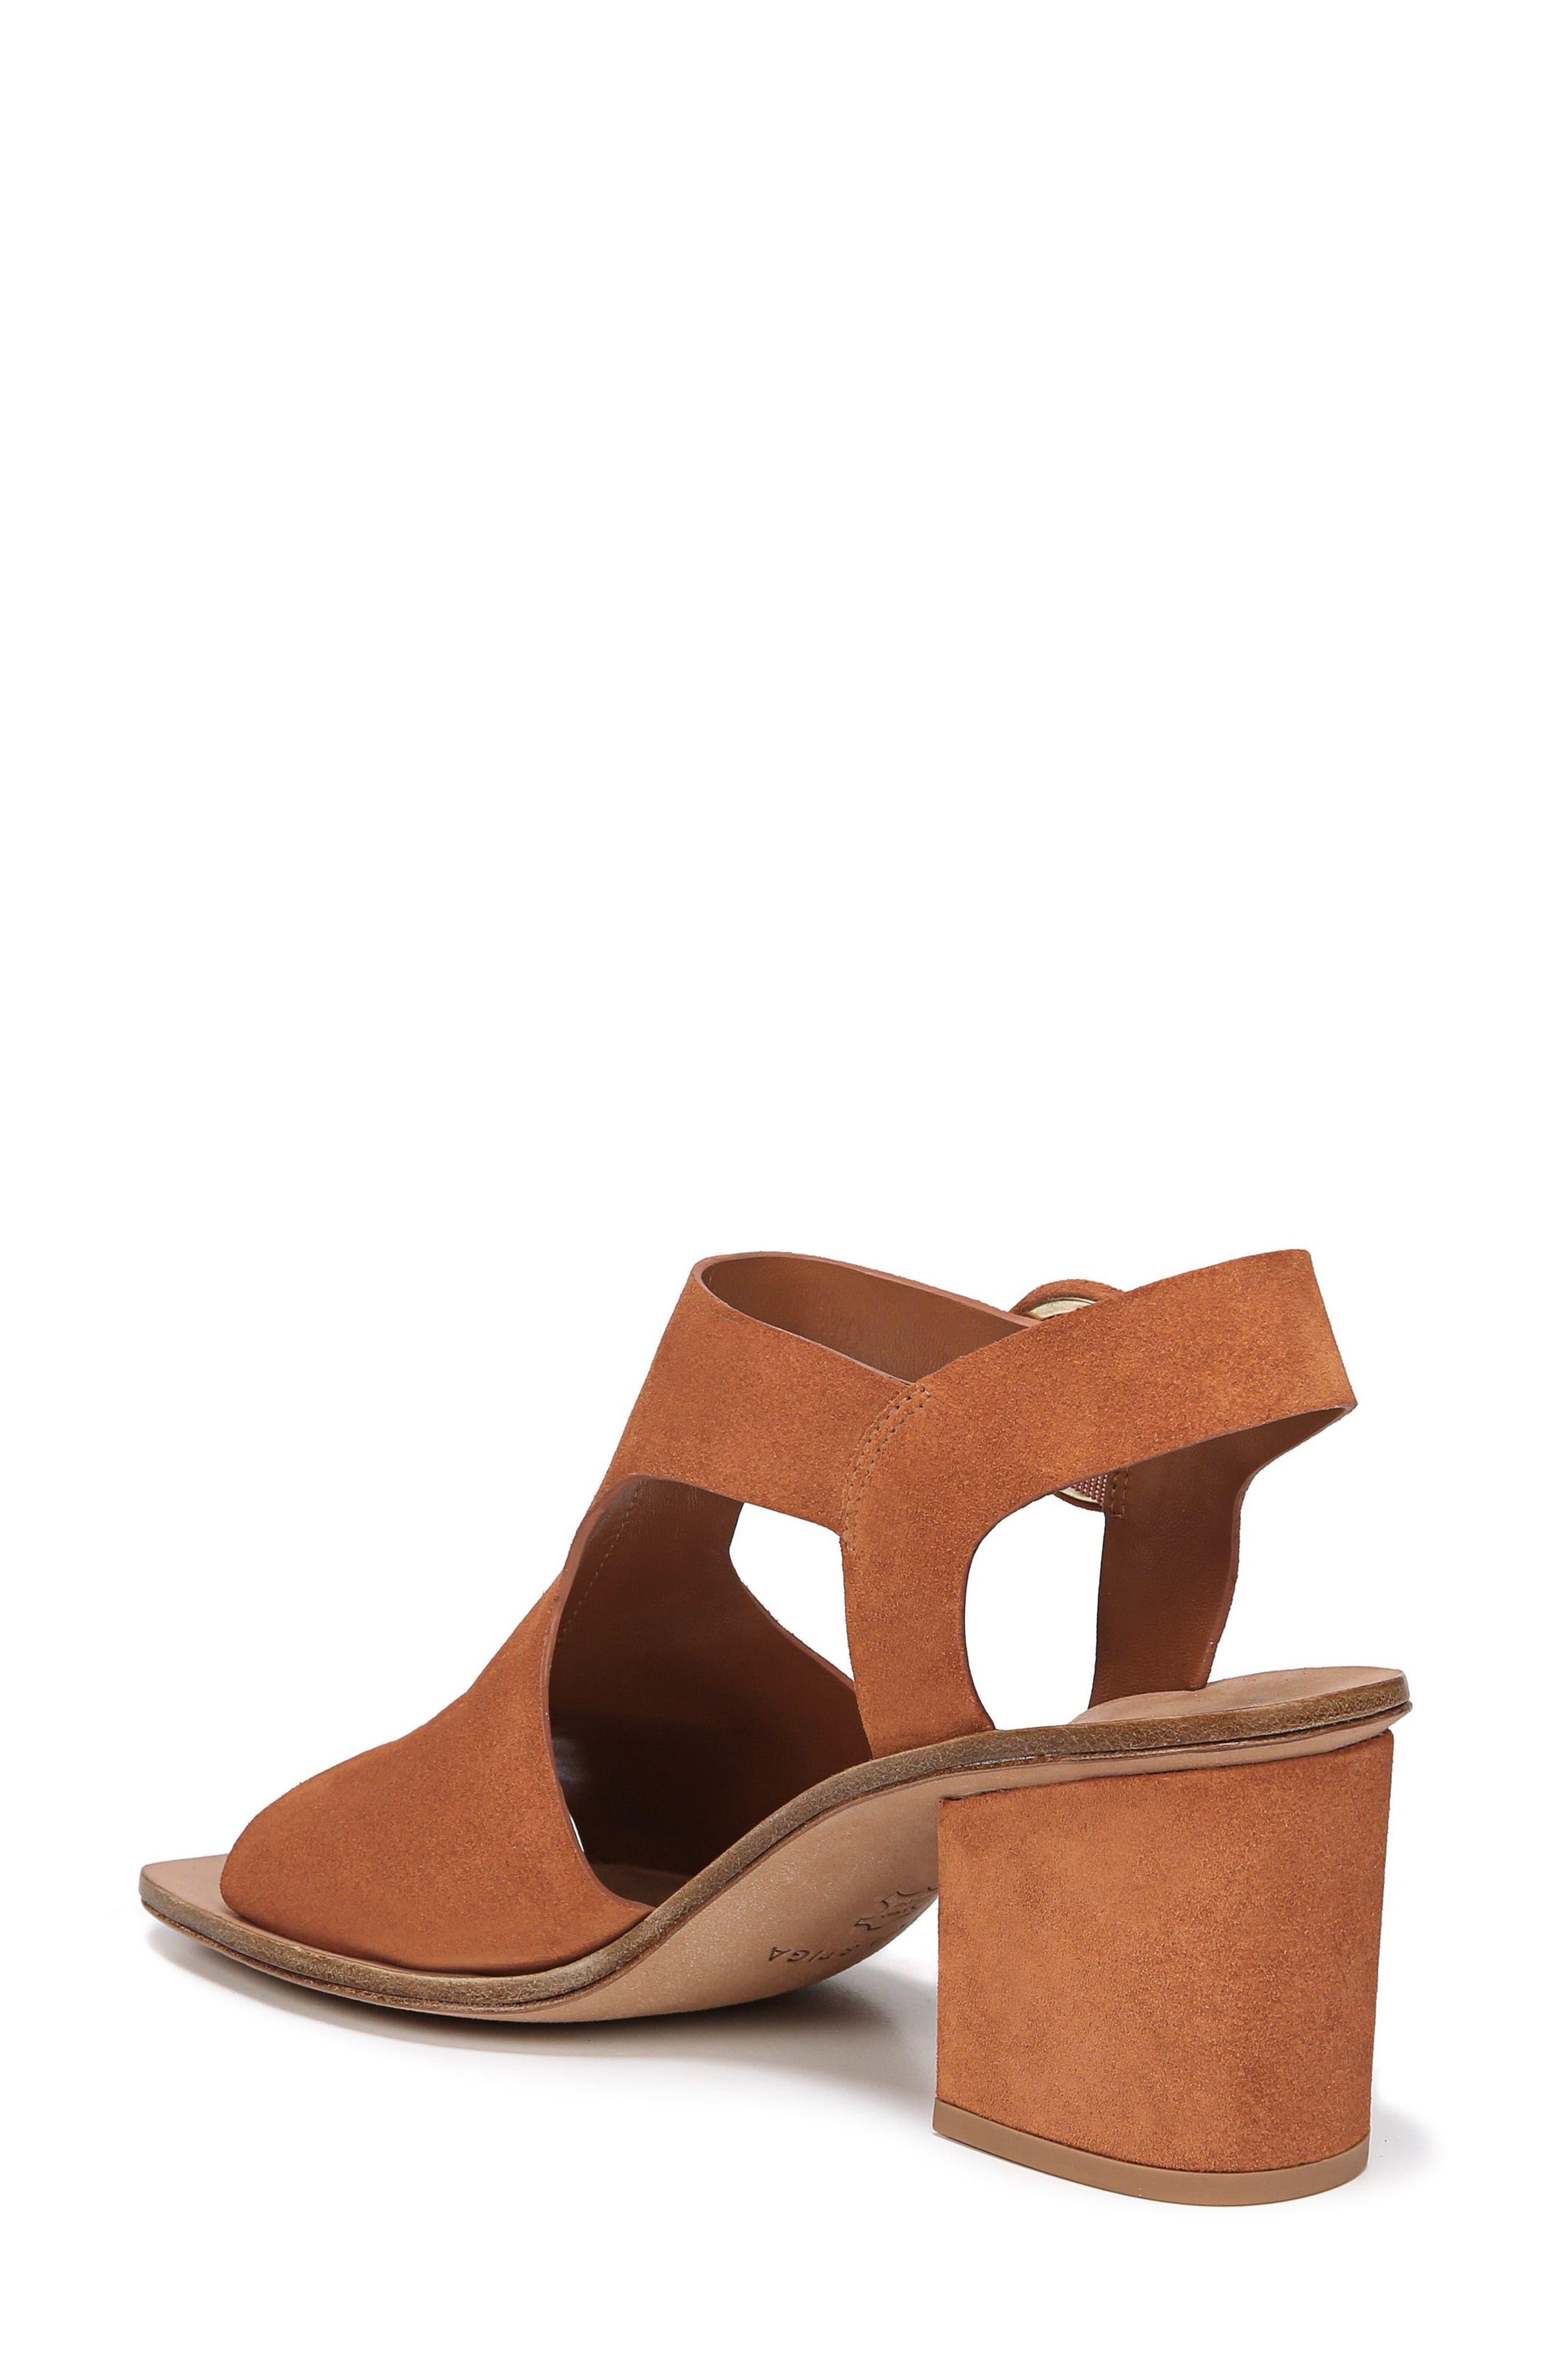 Katya Shield Sandal,                             Alternate thumbnail 5, color,